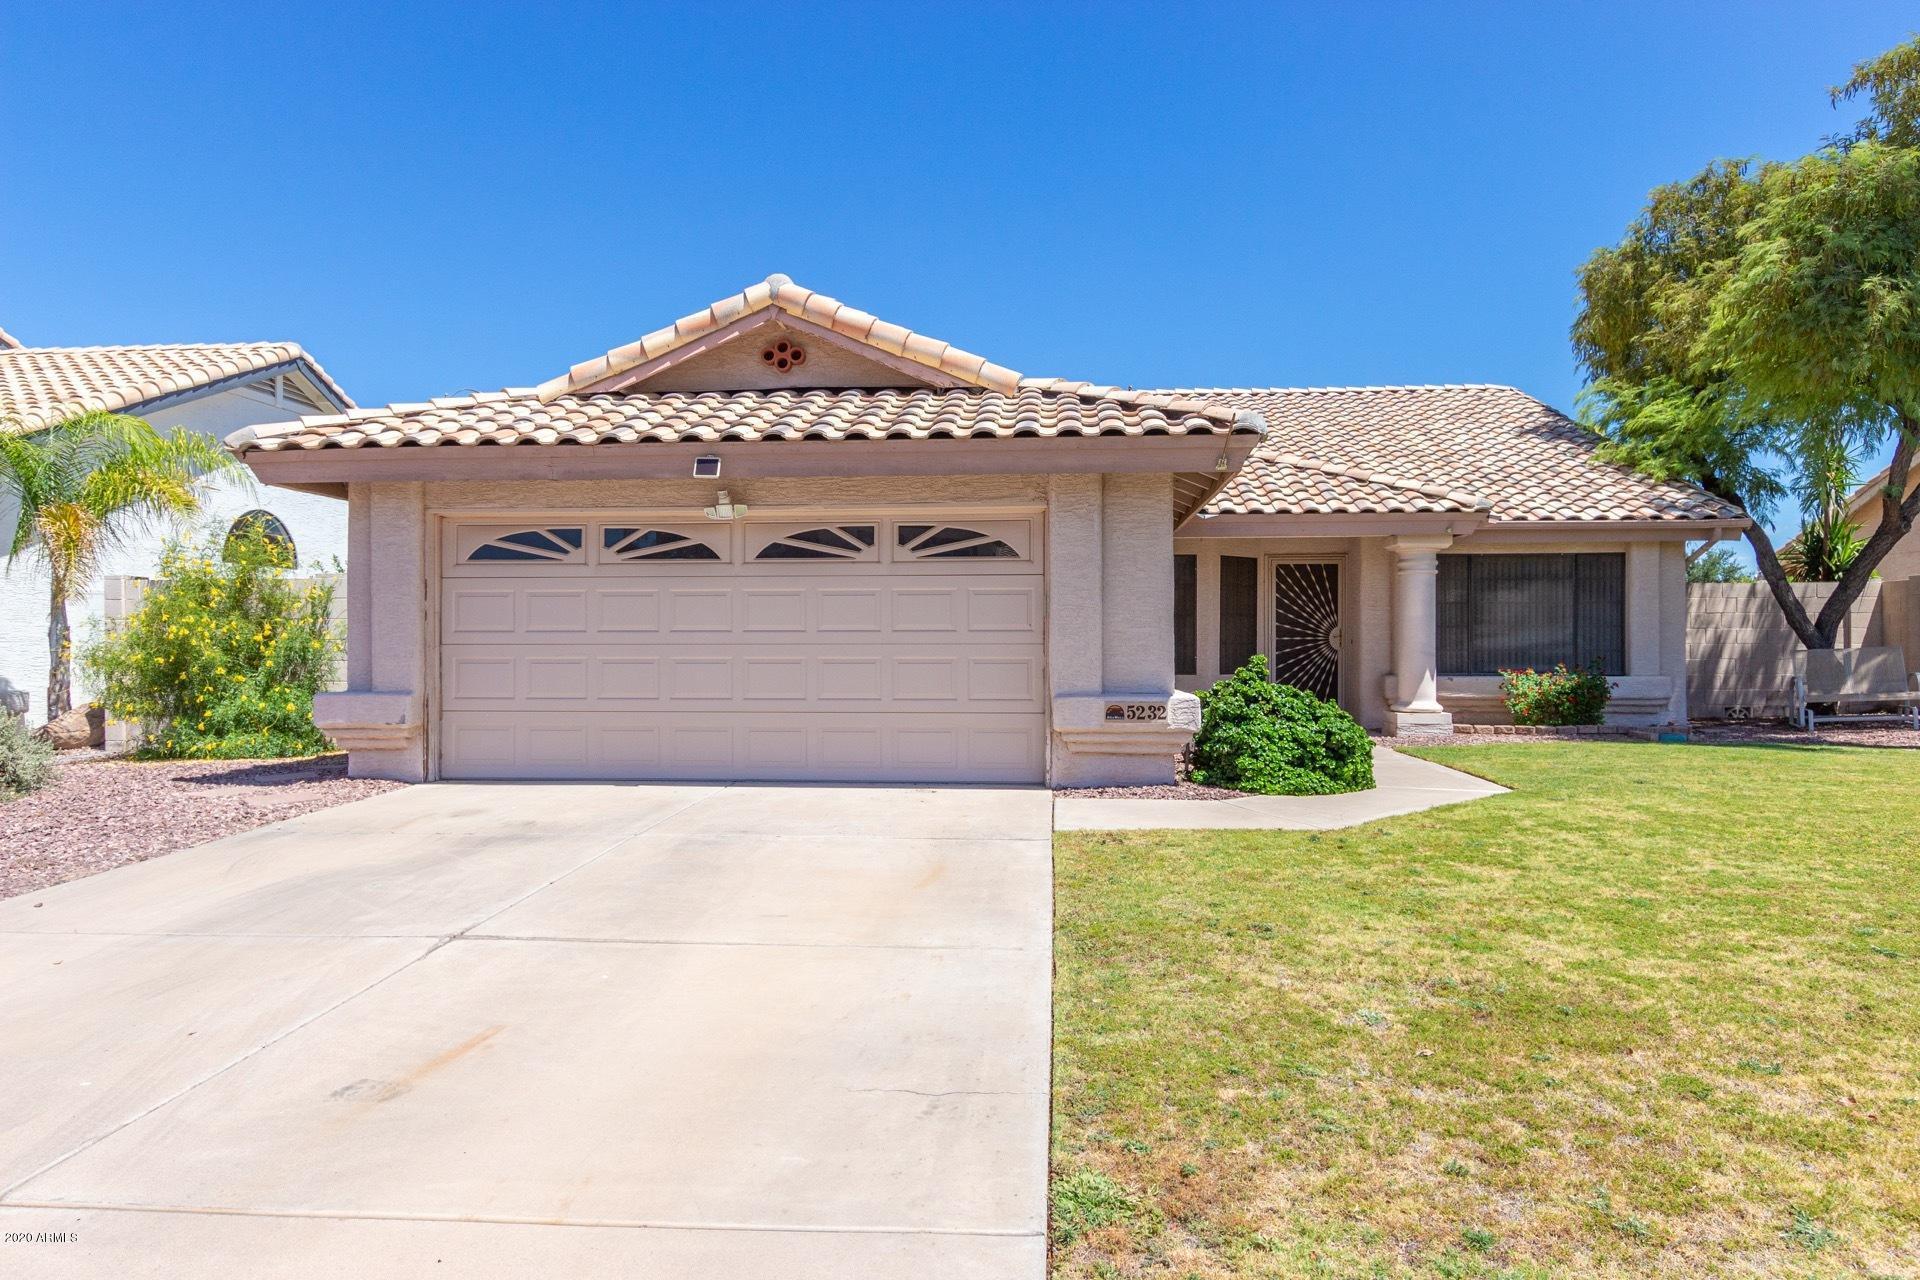 Photo of 5232 E HANNIBAL Street, Mesa, AZ 85205